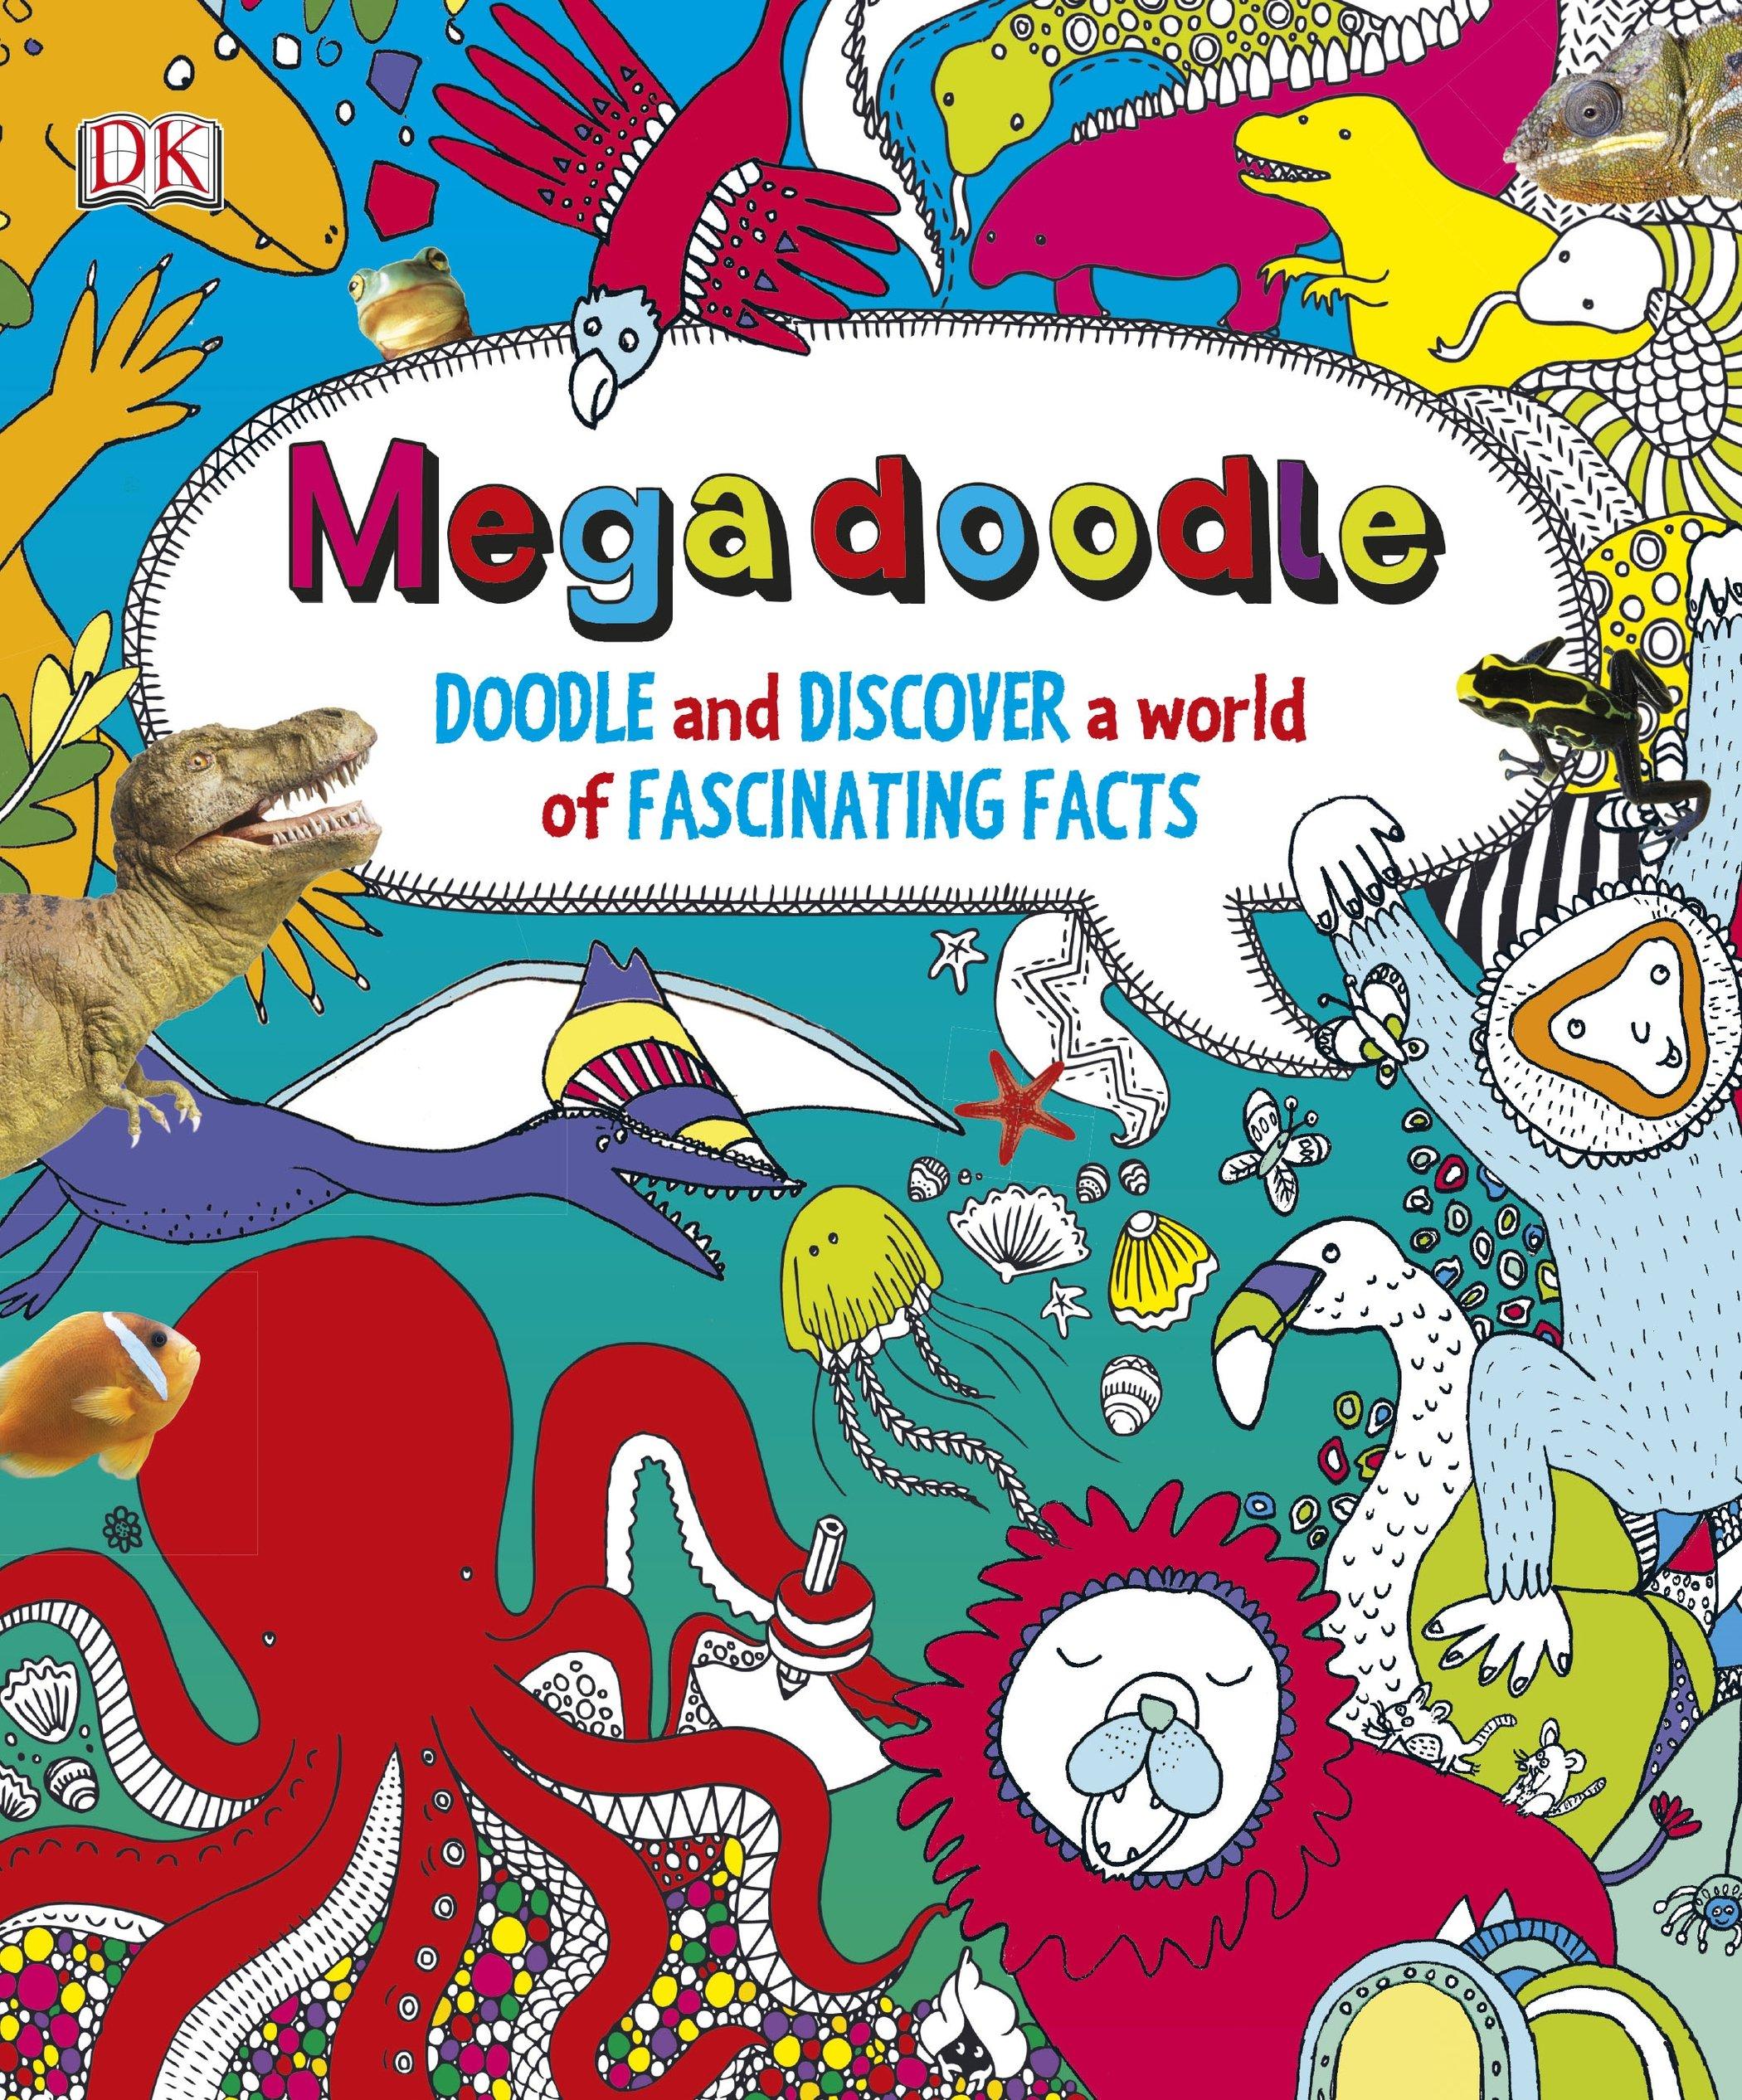 Megadoodle